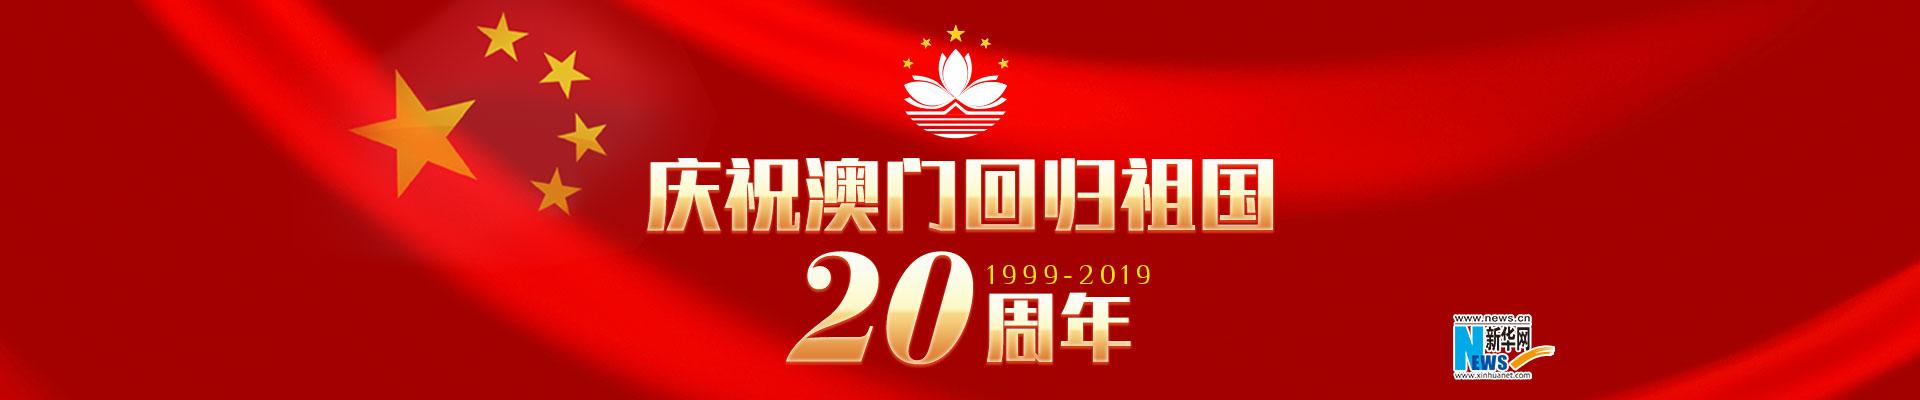 http://www.xinhuanet.com/gangao/zt/qzamhg20/images/banner.jpg